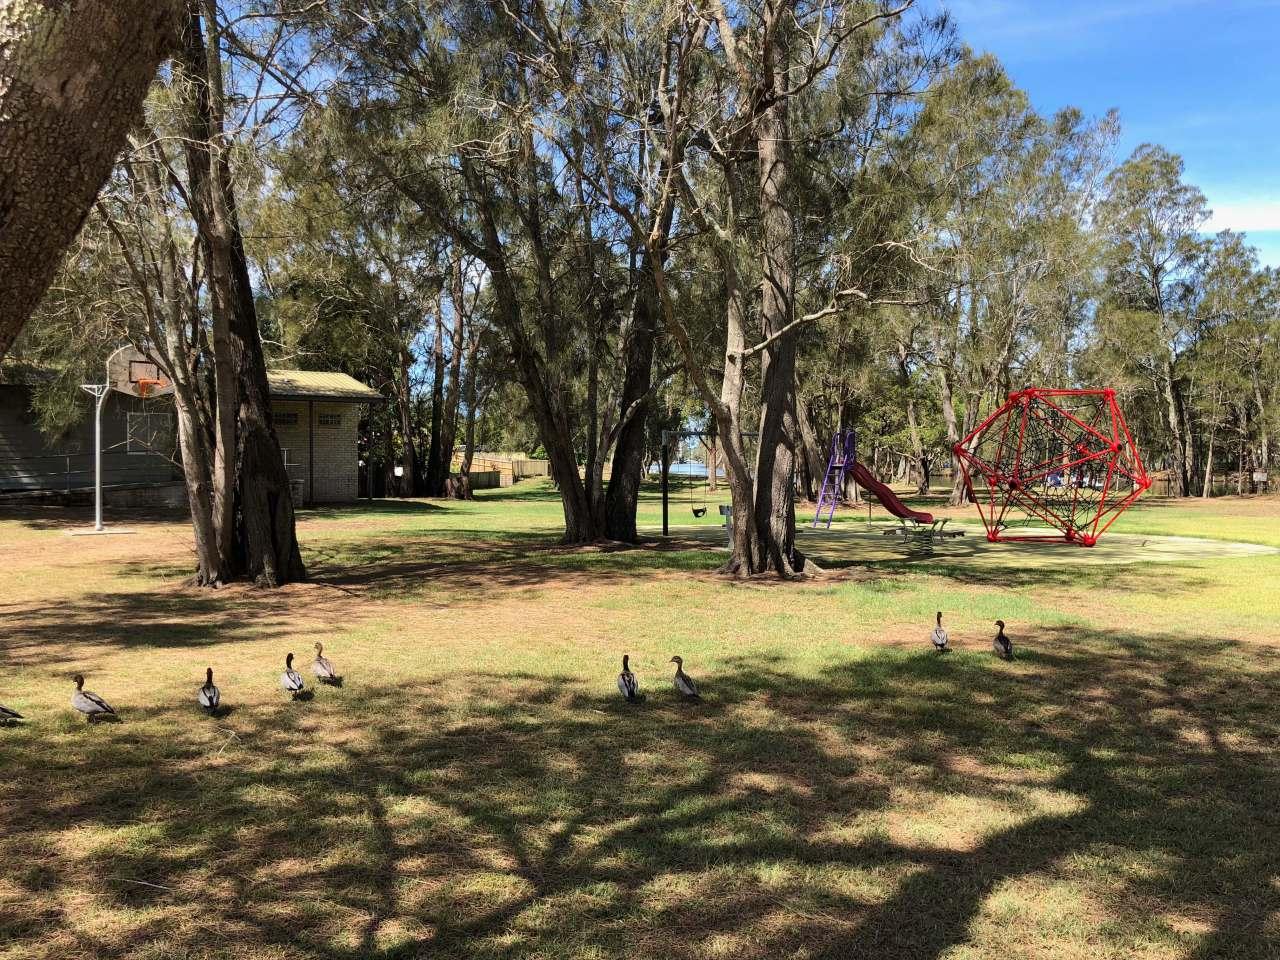 Ducks at Sunshine Reserve, Chittaway